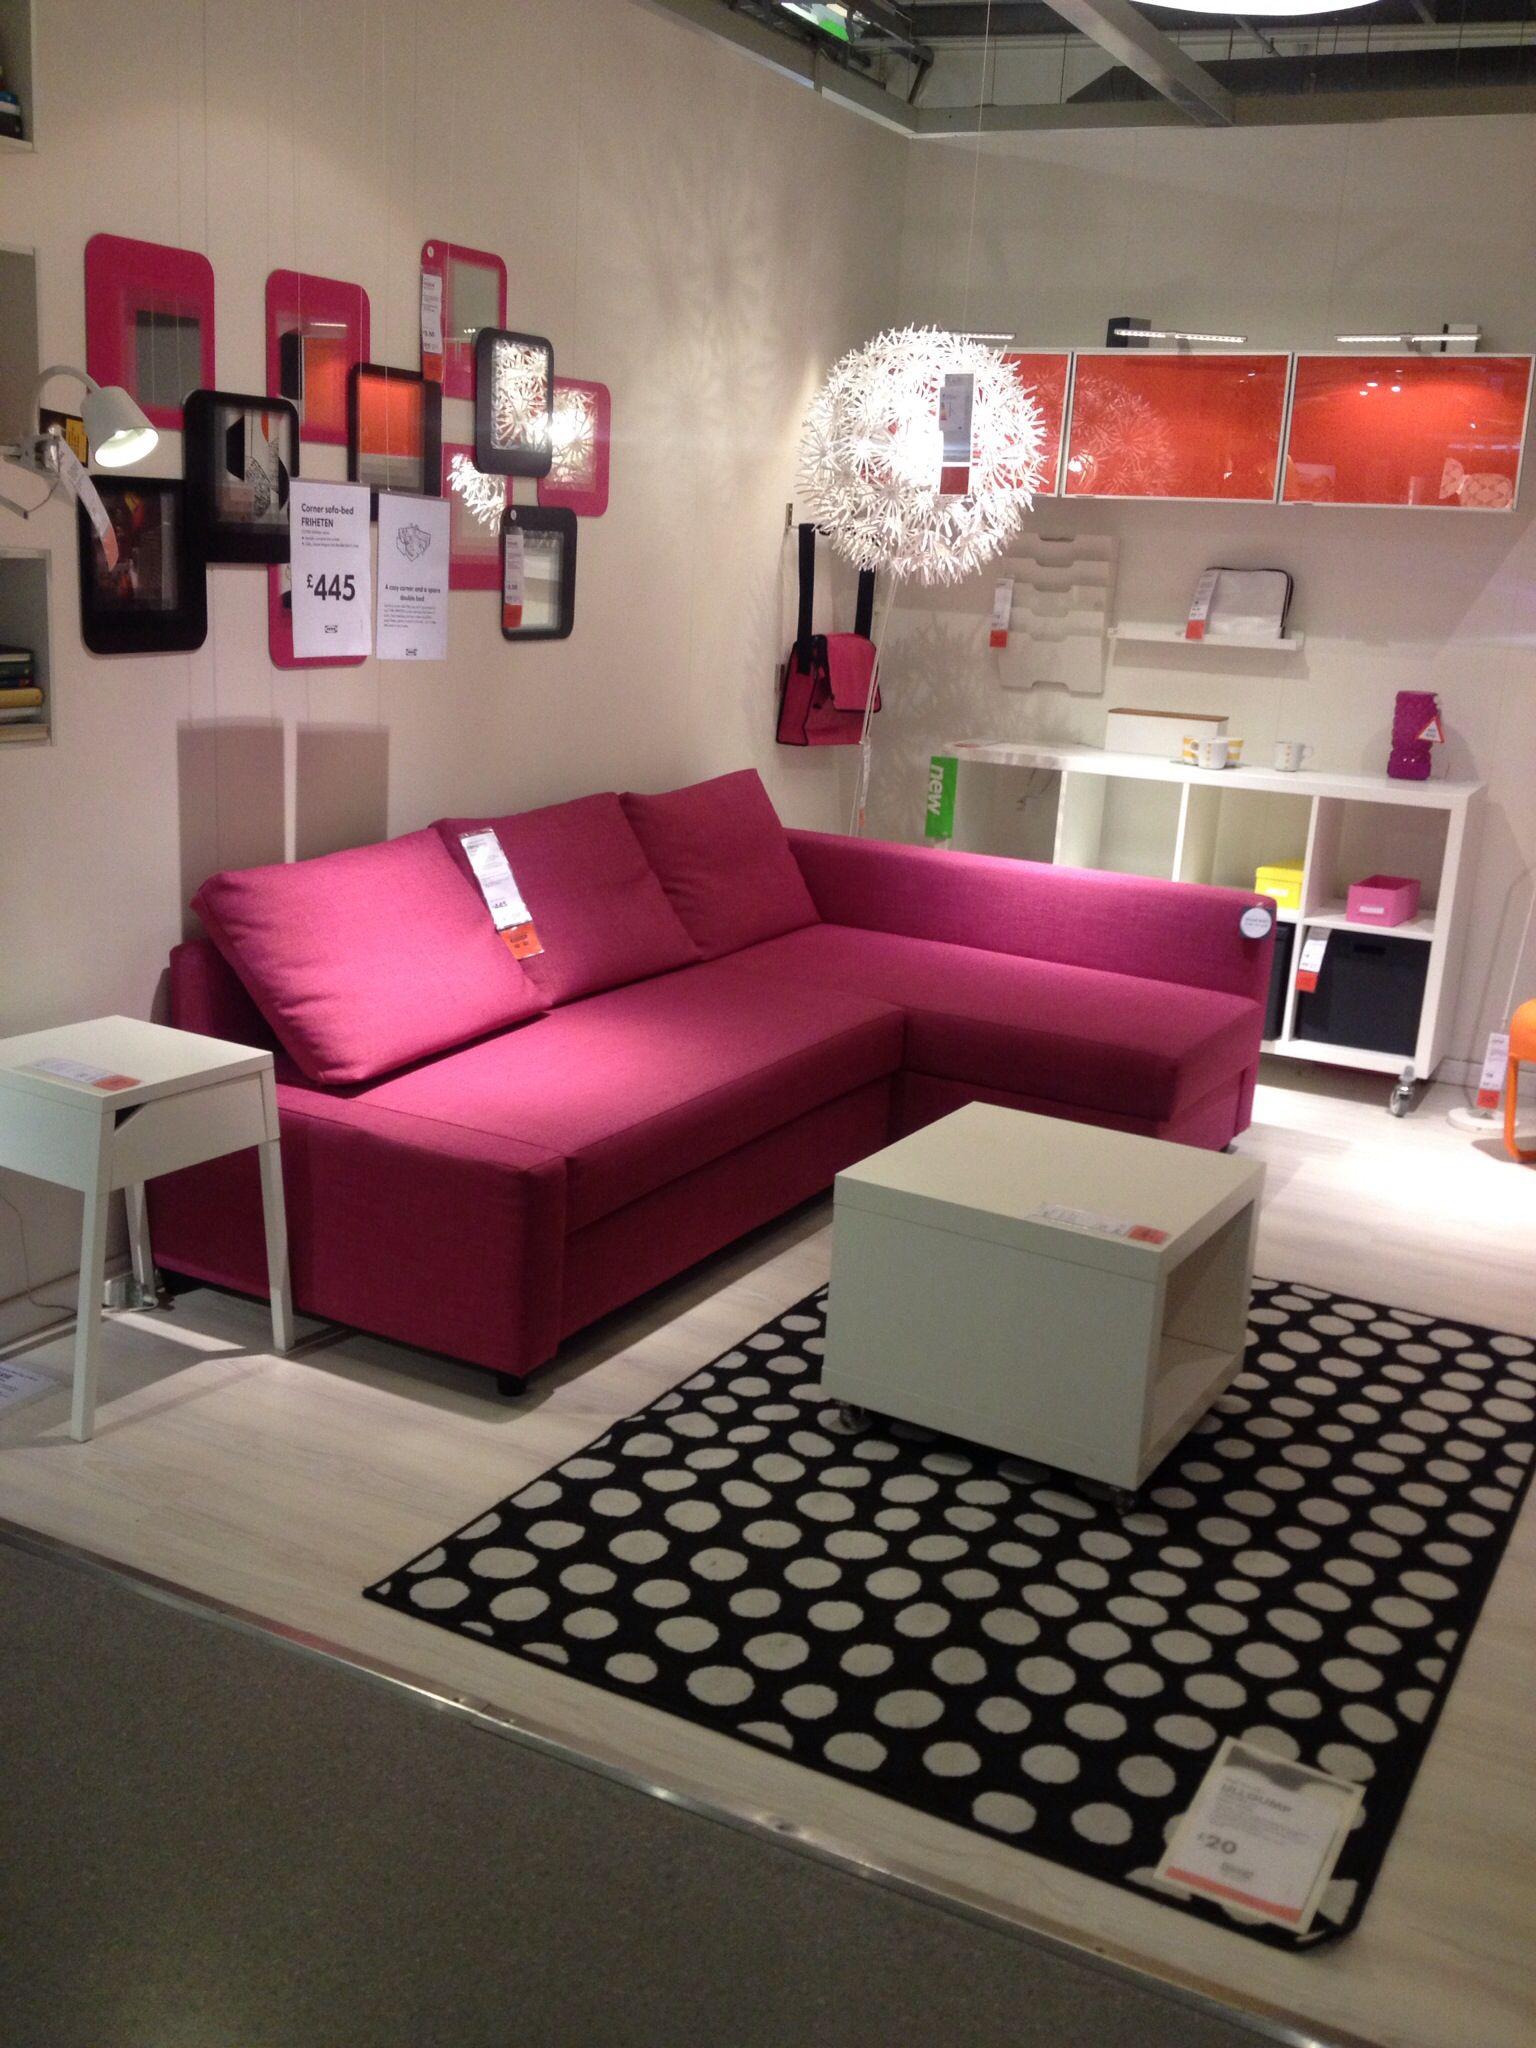 Sofa Bed Friheten For The Home Pinterest Living